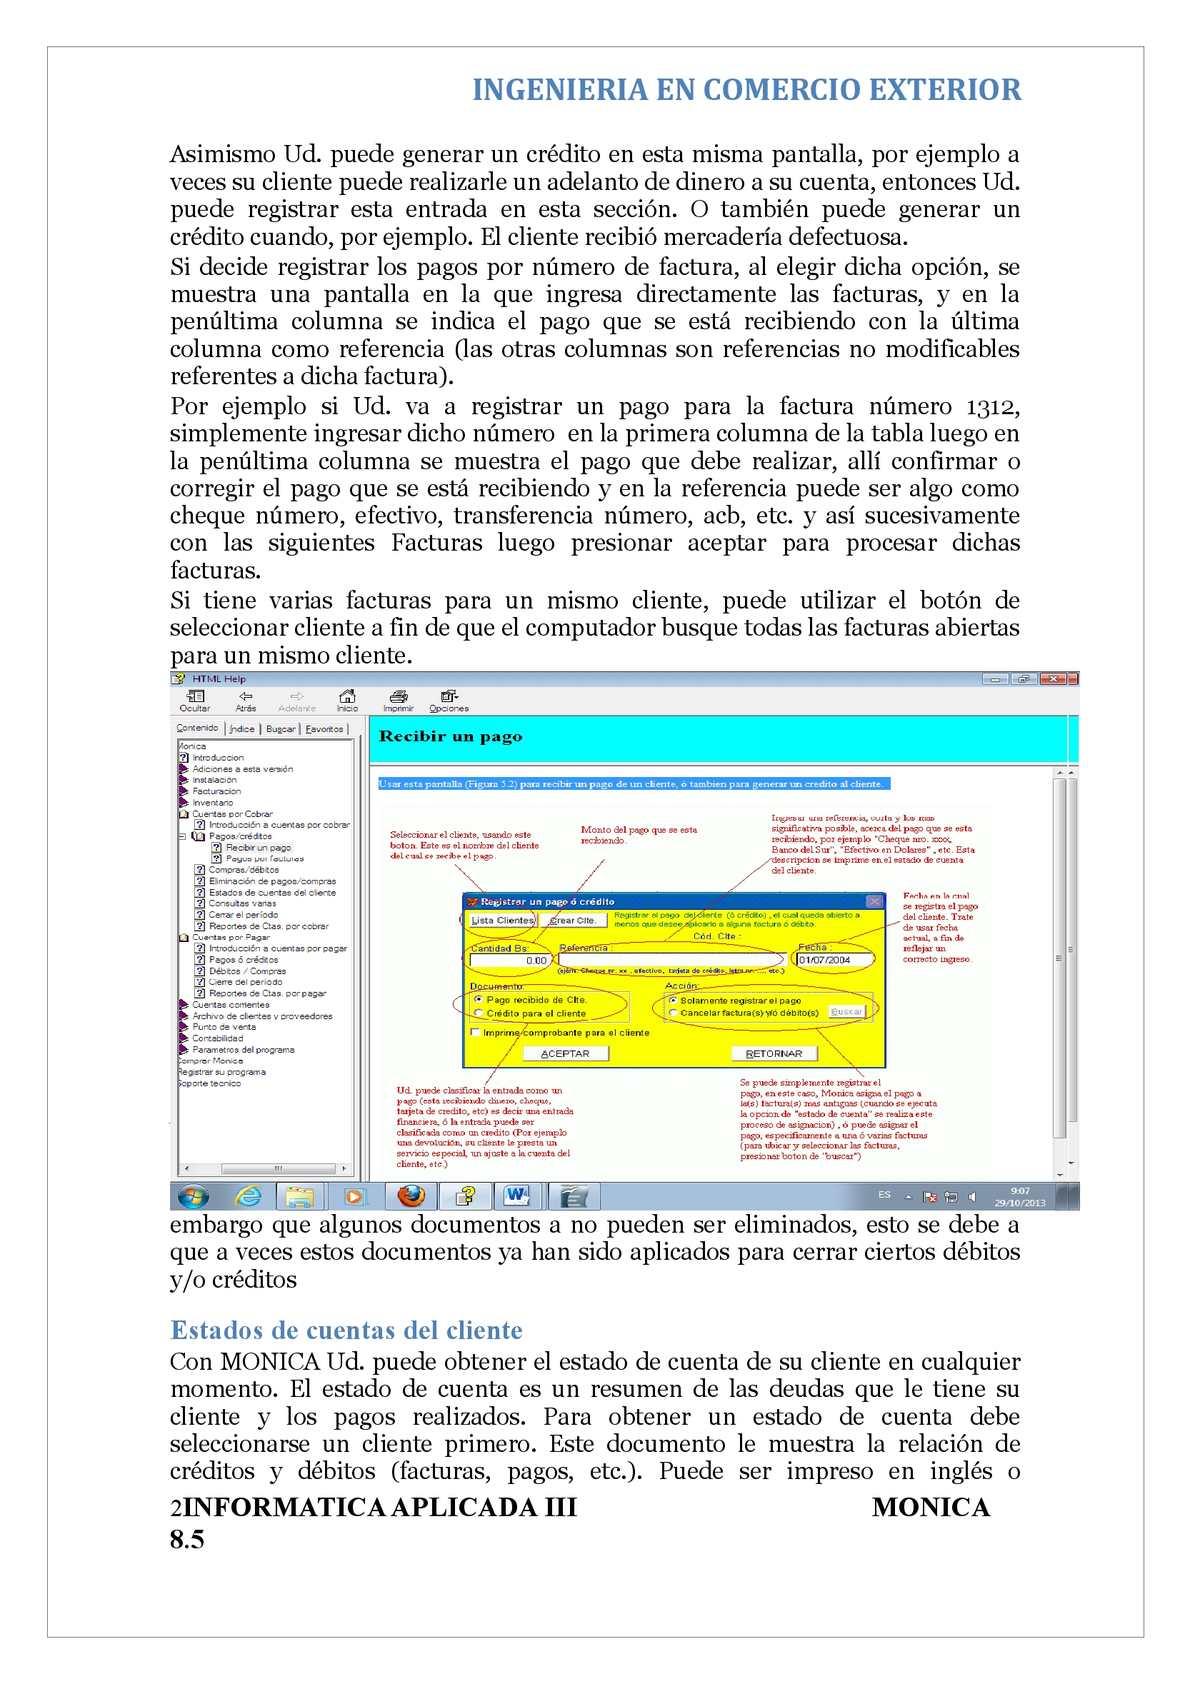 Monica 8.5 cuenta por pagar y cuenta por cobrar - CALAMEO Downloader